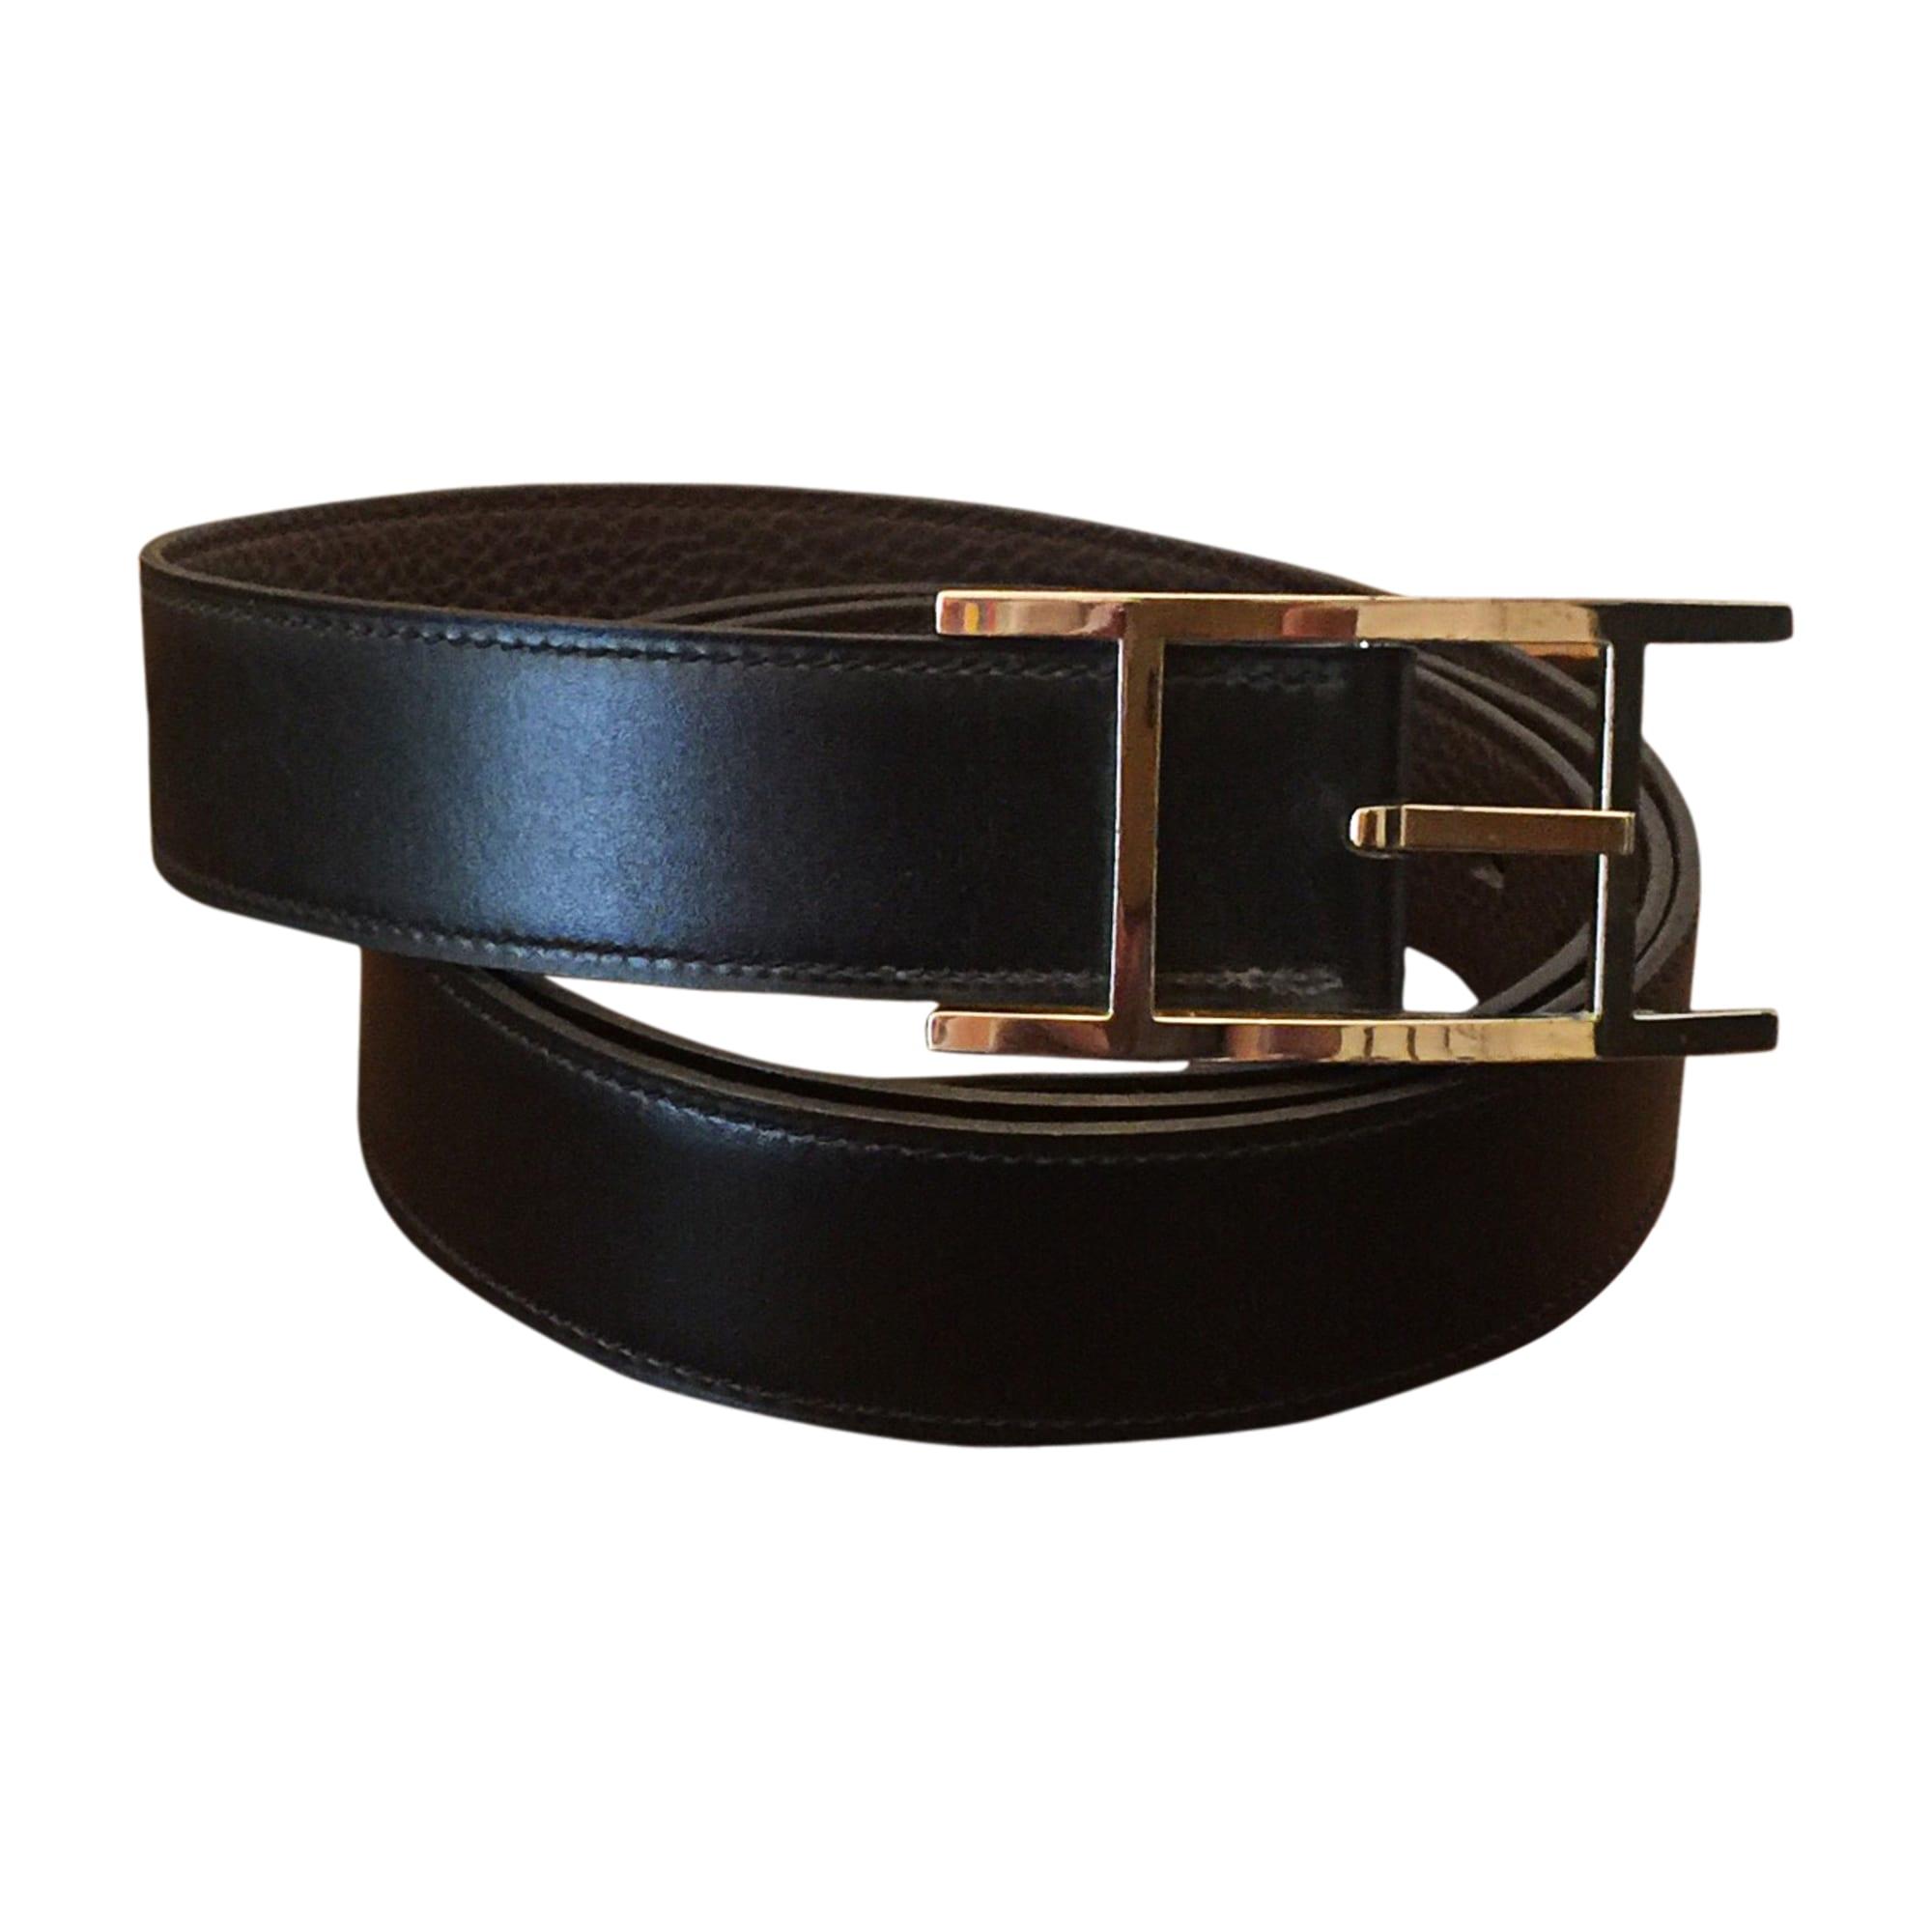 Ceinture HERMÈS 115 noir vendu par Picco 8 - 7798068 f13581c7c4e